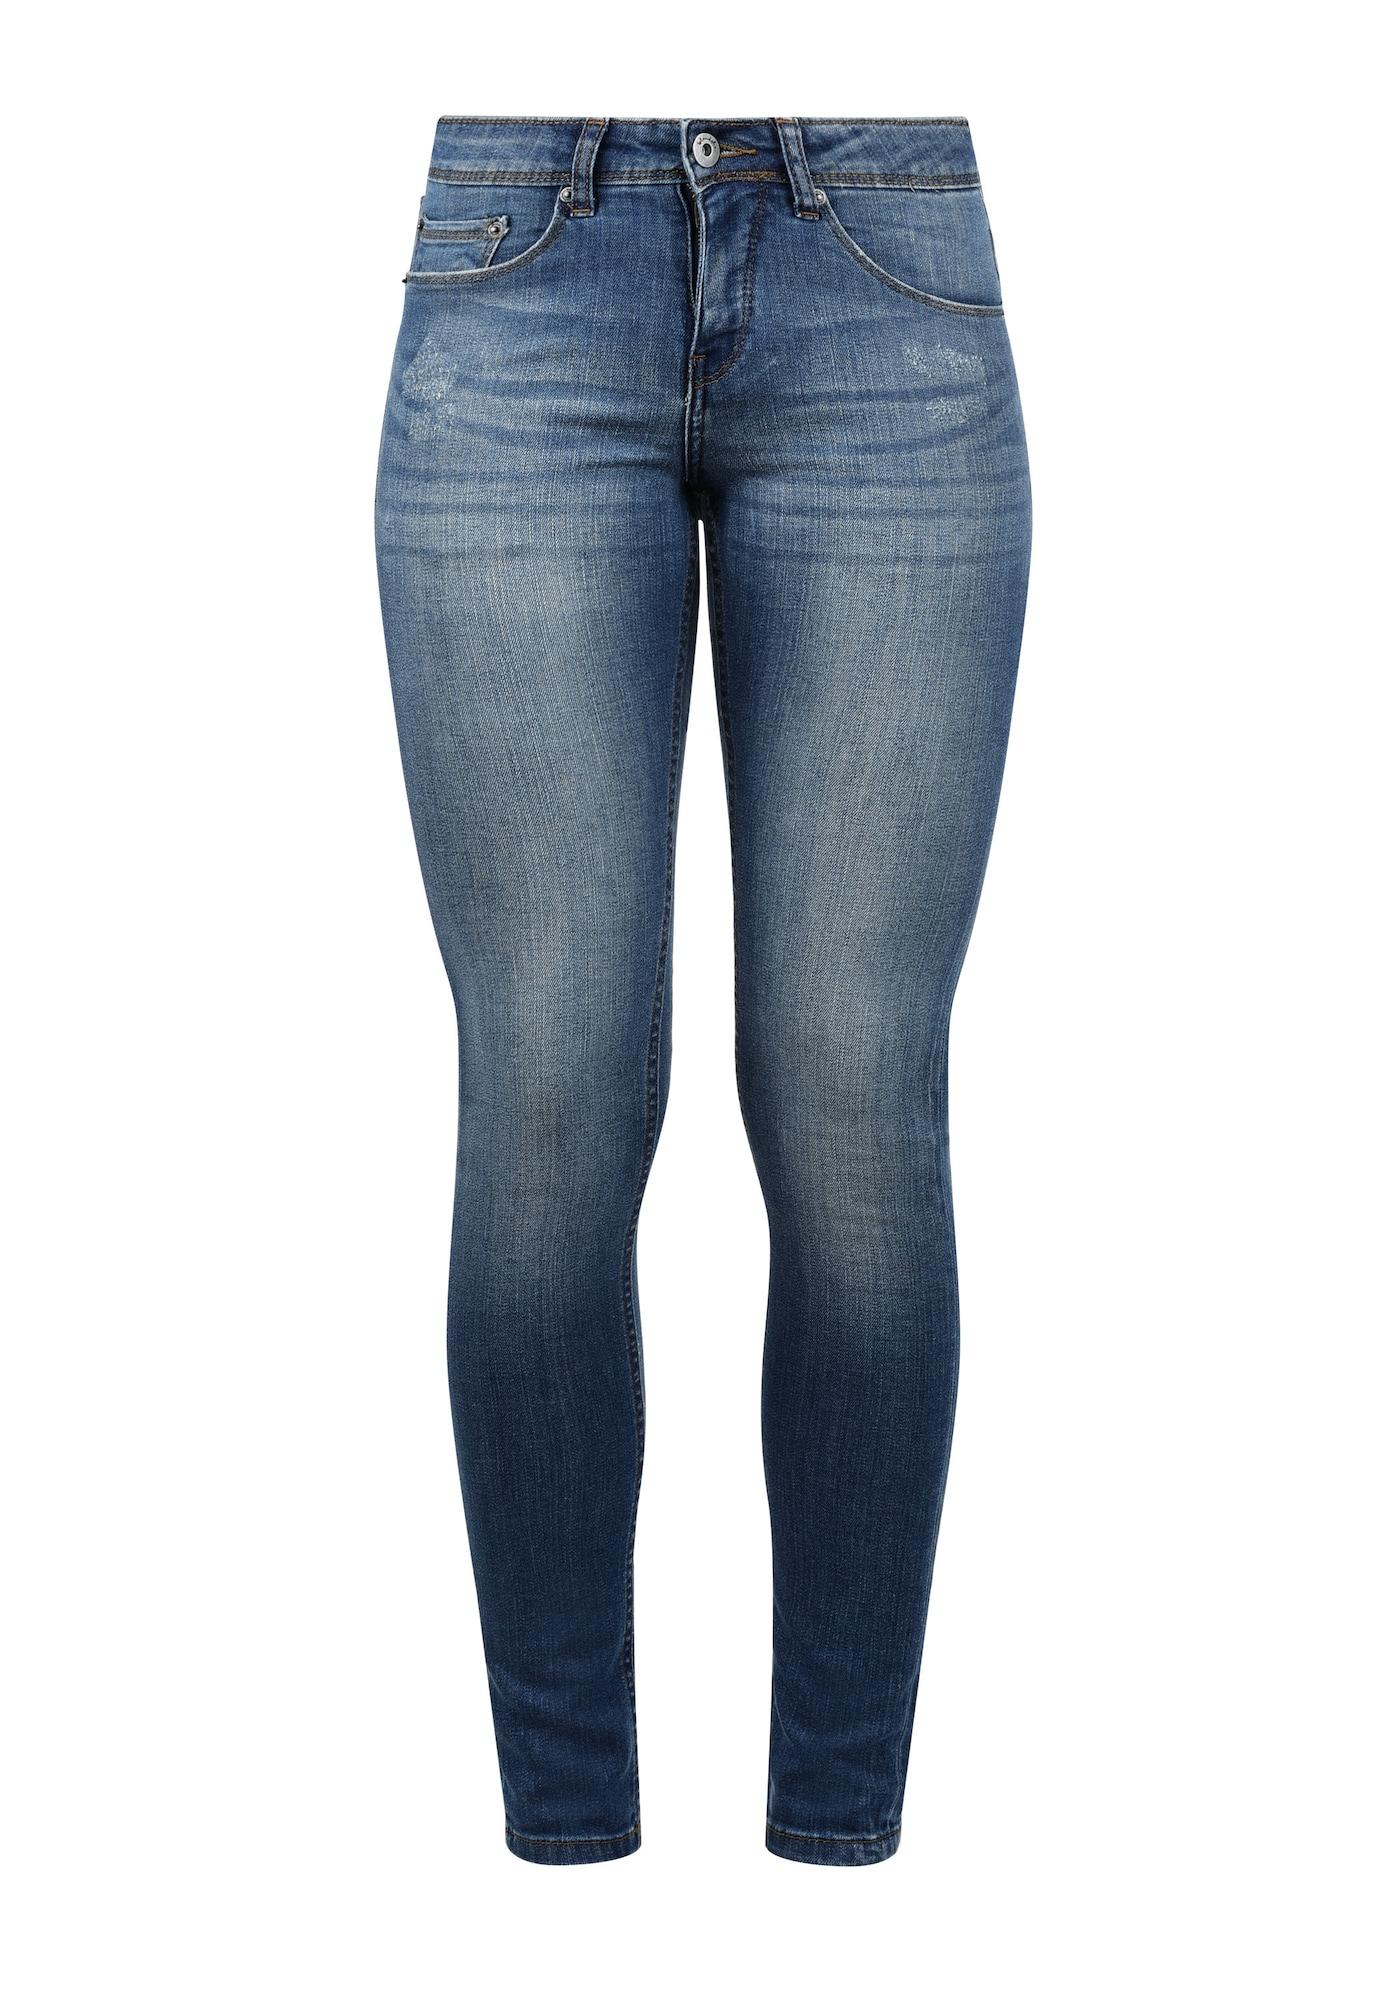 5-Pocket-Jeans 'Adriana'   Bekleidung > Jeans > 5-Pocket-Jeans   Blue   Blend She